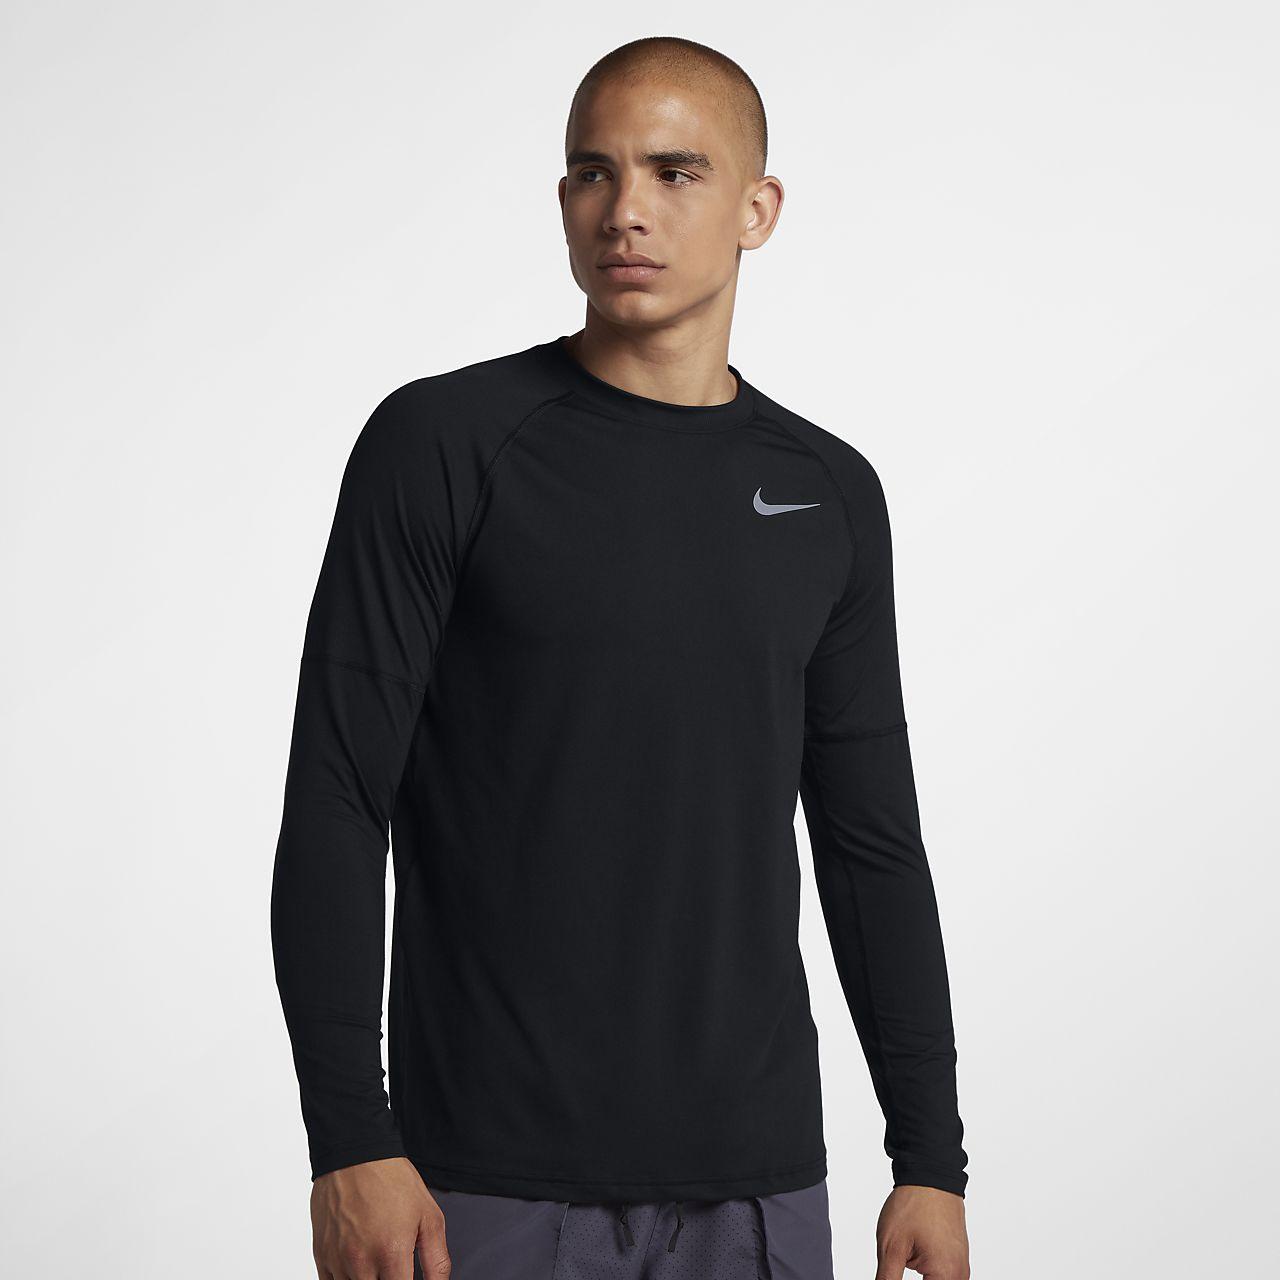 เสื้อวิ่งผู้ชาย Nike Element